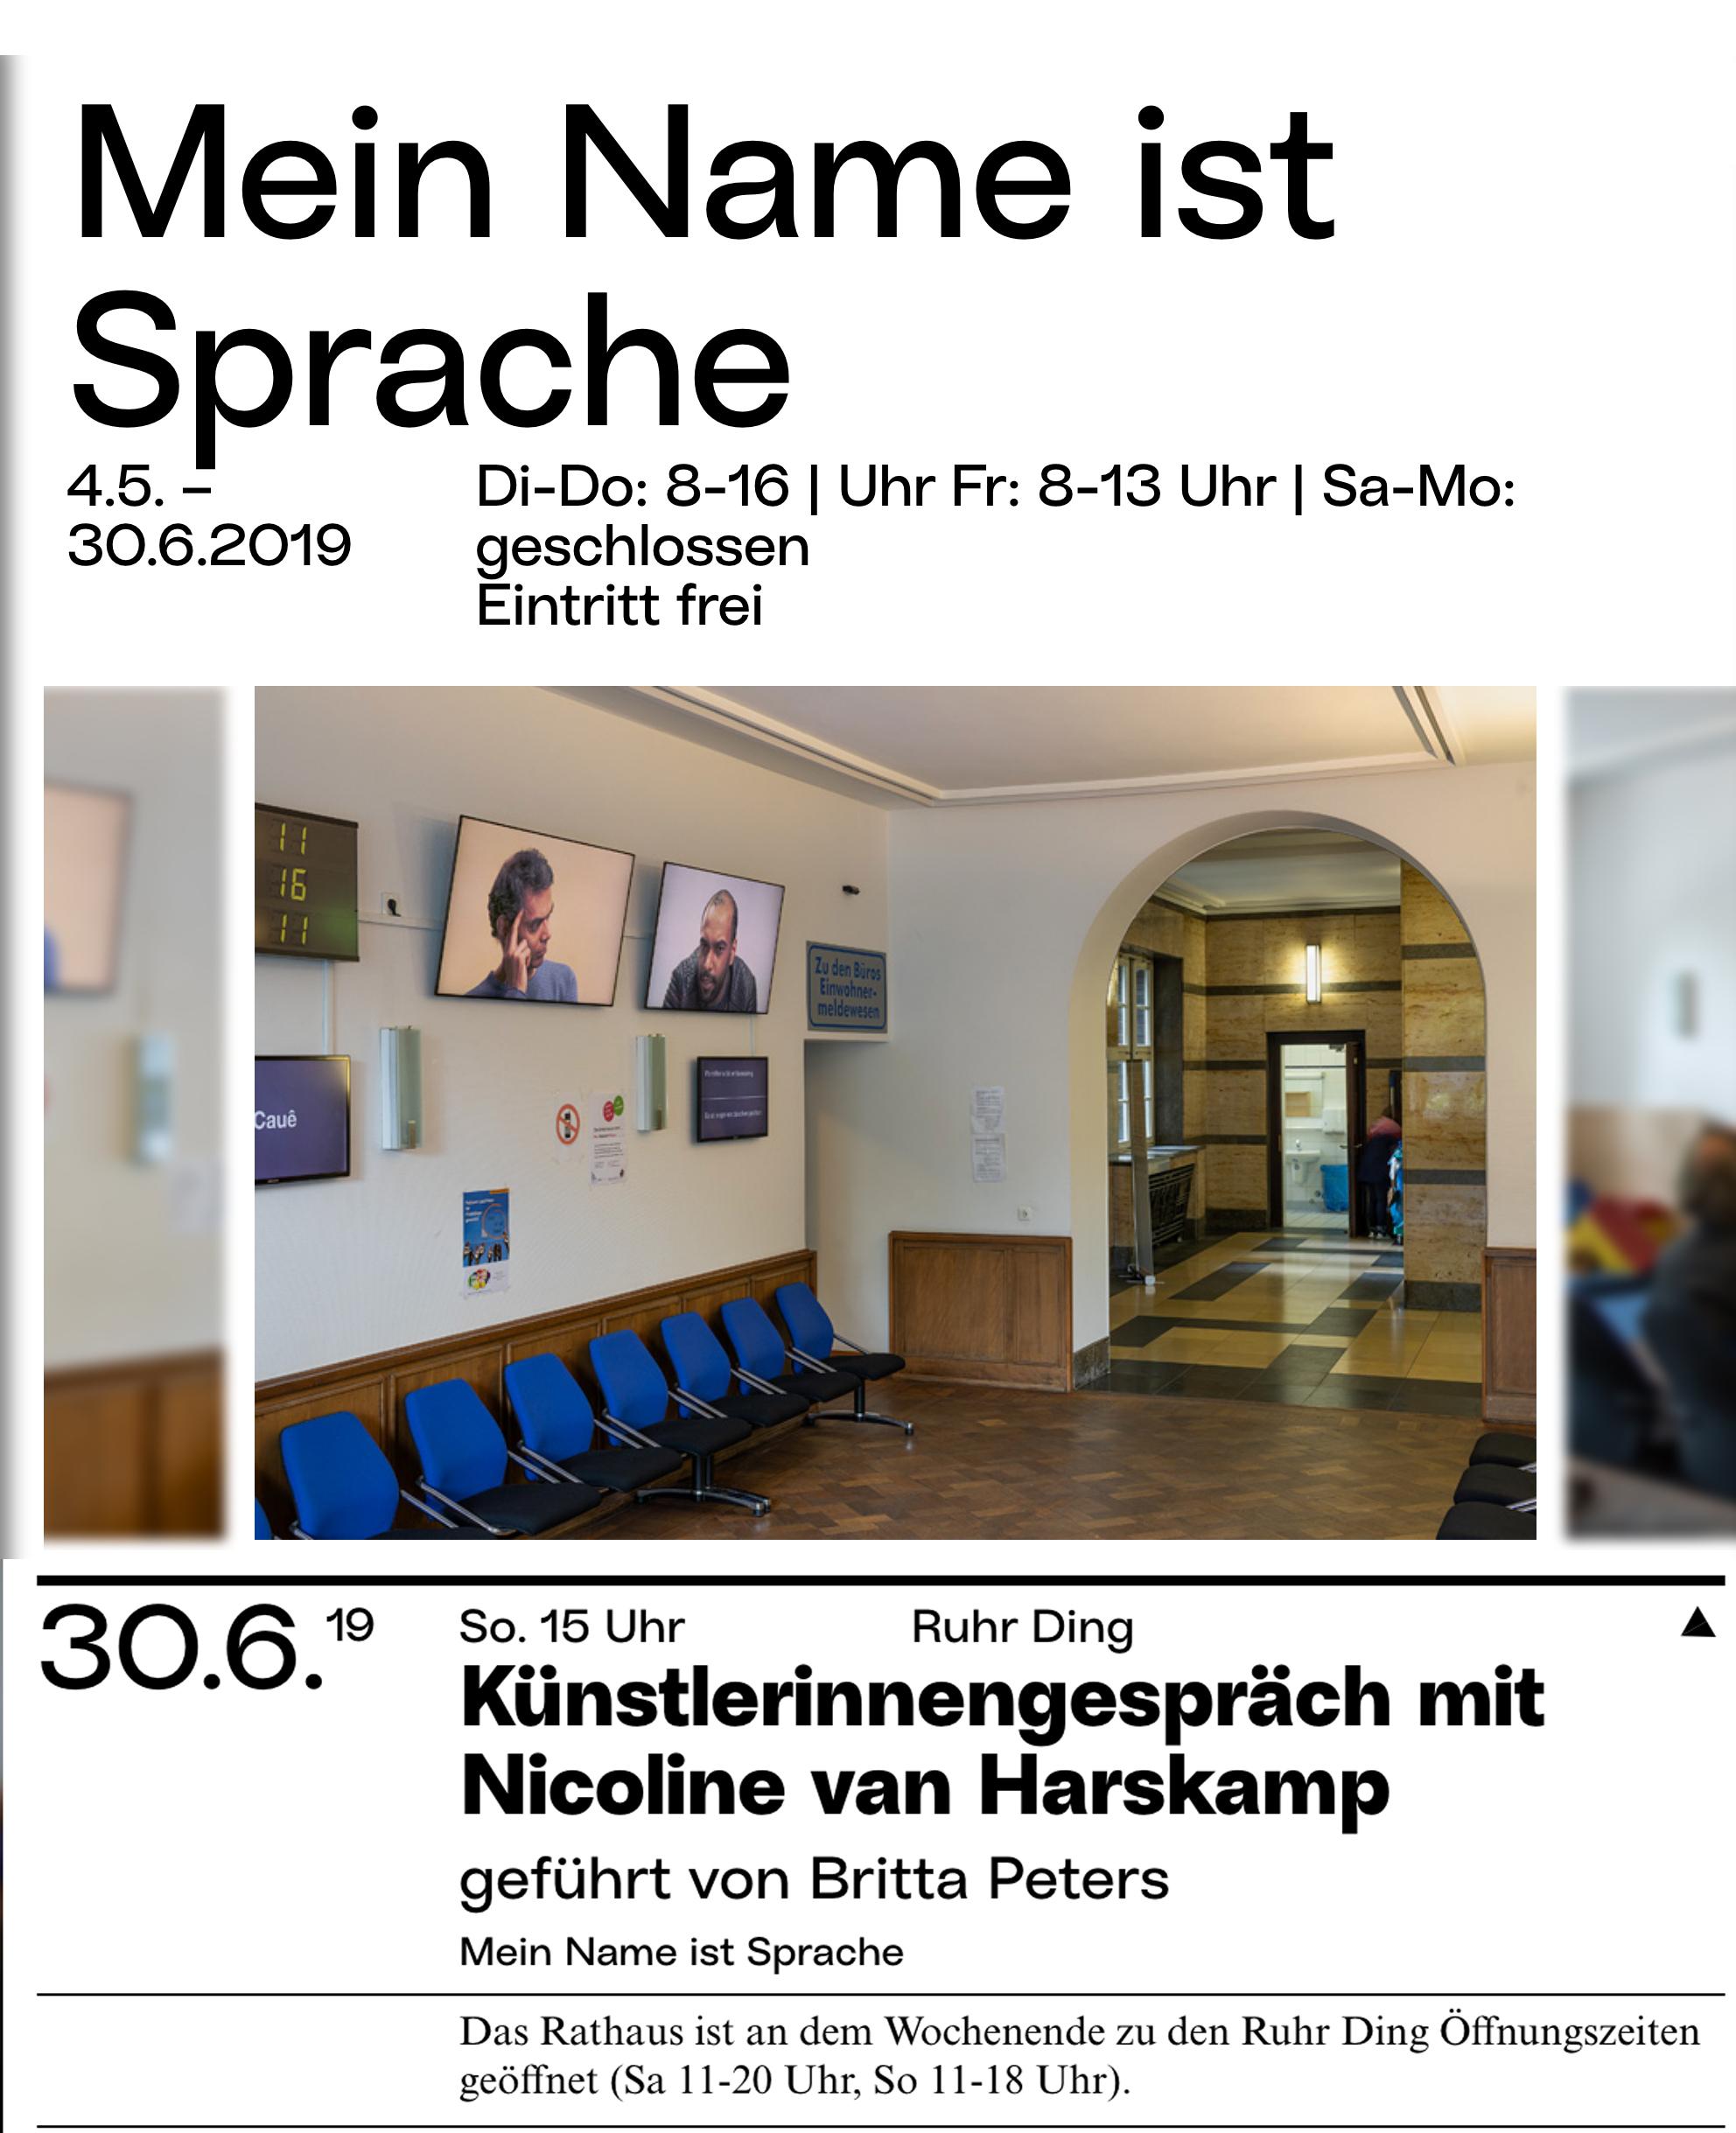 Eventbild für Nicoline van Harskamp /// Mein Name ist Sprache /// KünstlerInnengespräch